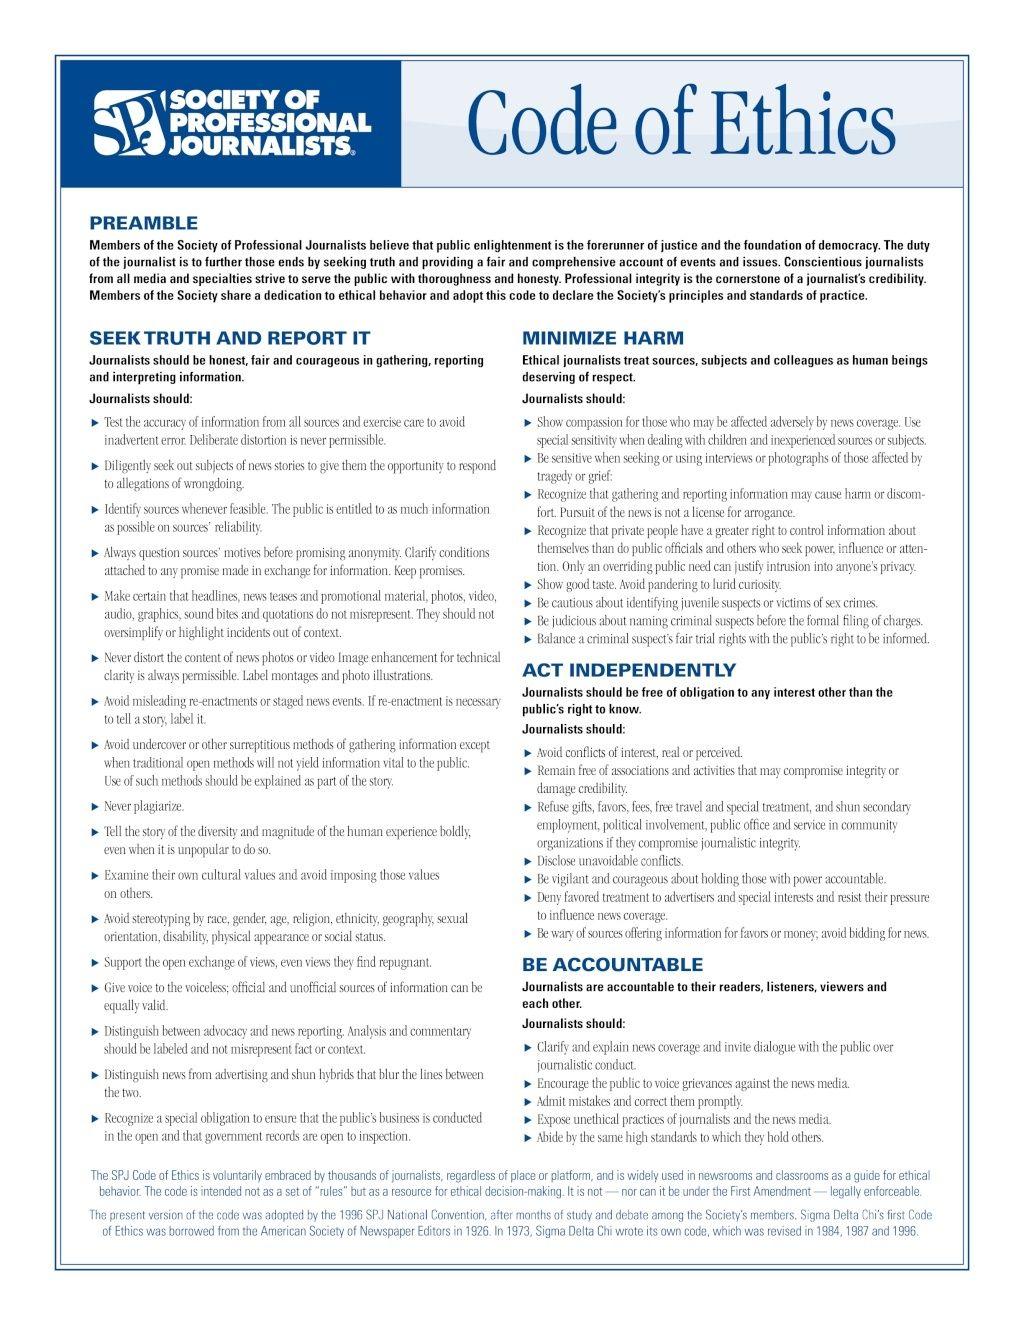 TTiV Code of Journalistic Ethics Societ12